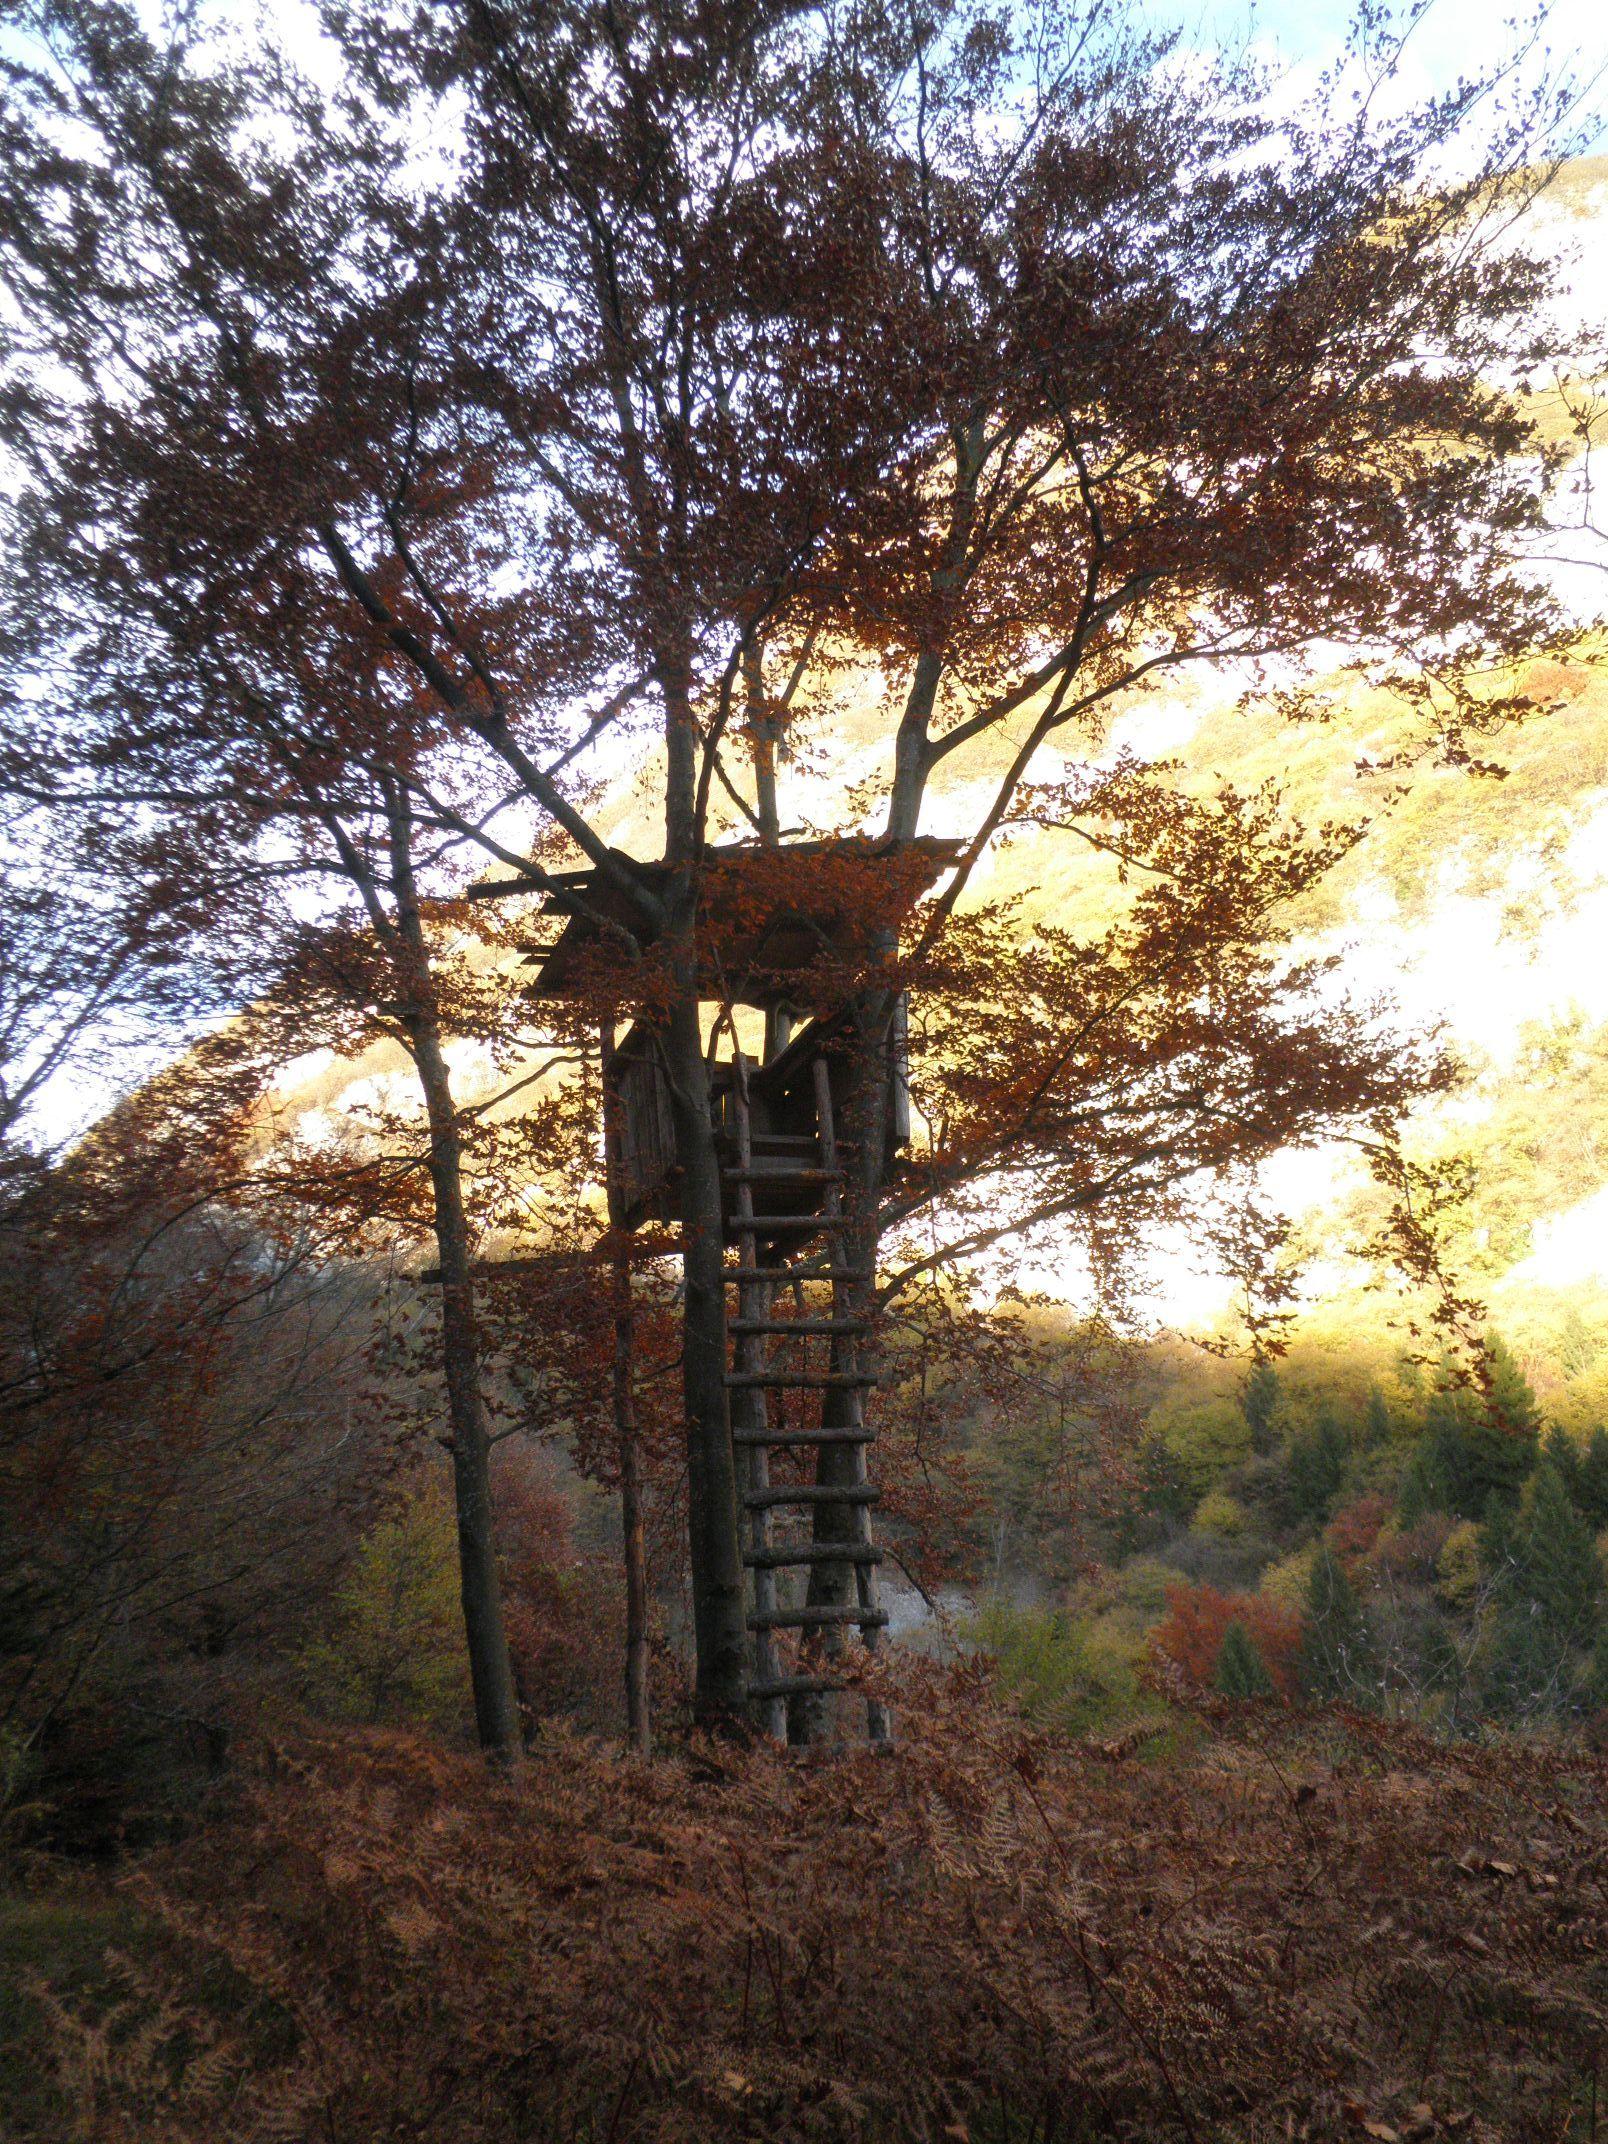 Torre di avvistamento o casetta romantica verso il passo del Ballino